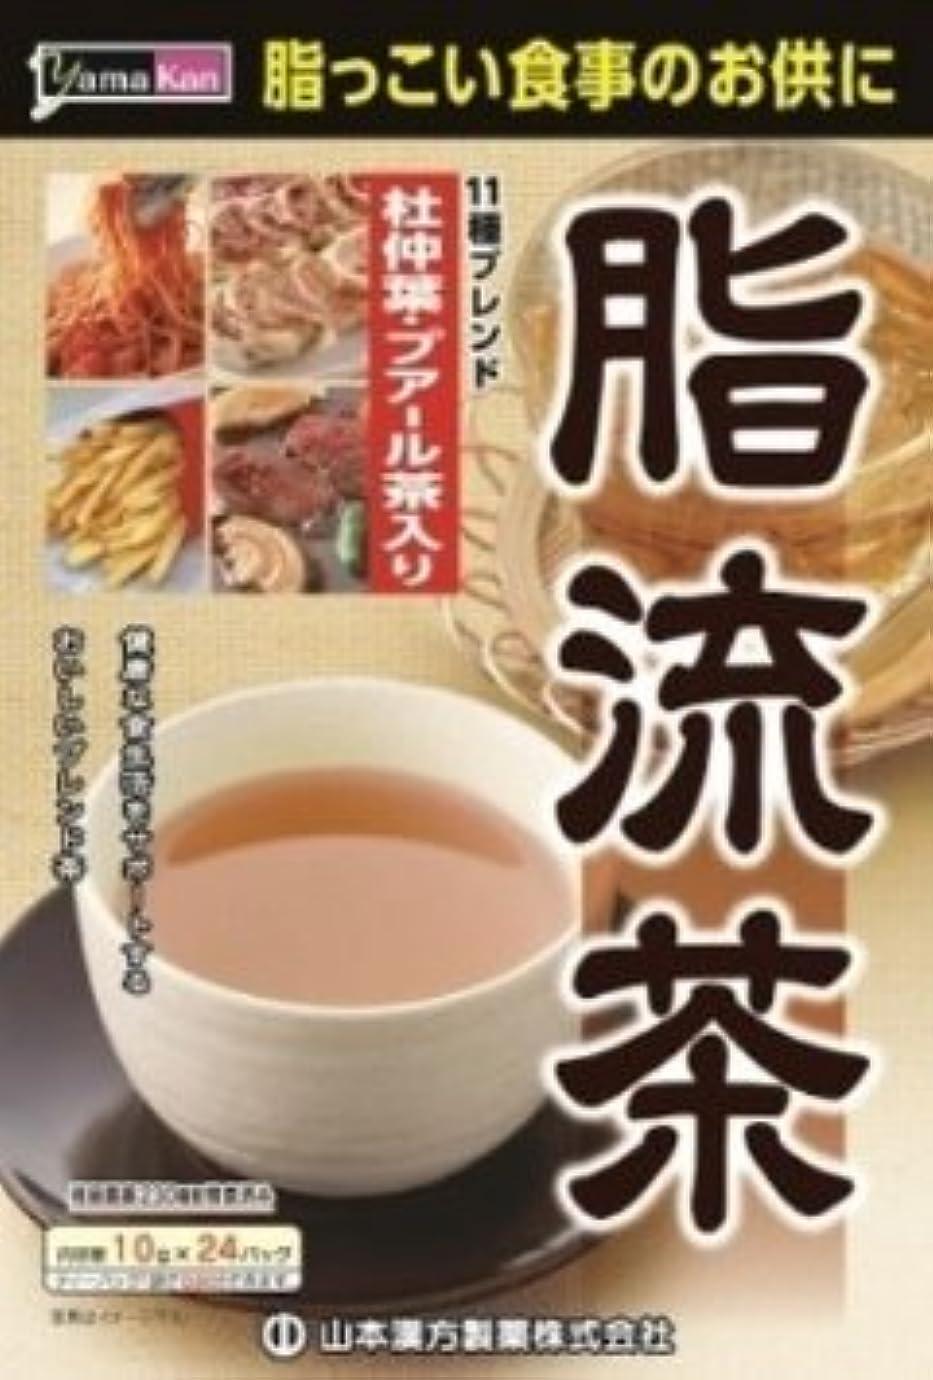 びっくりしたフルーツベンチャー【5個セット】山本漢方製薬 脂流茶 10gX24H ×5個セット